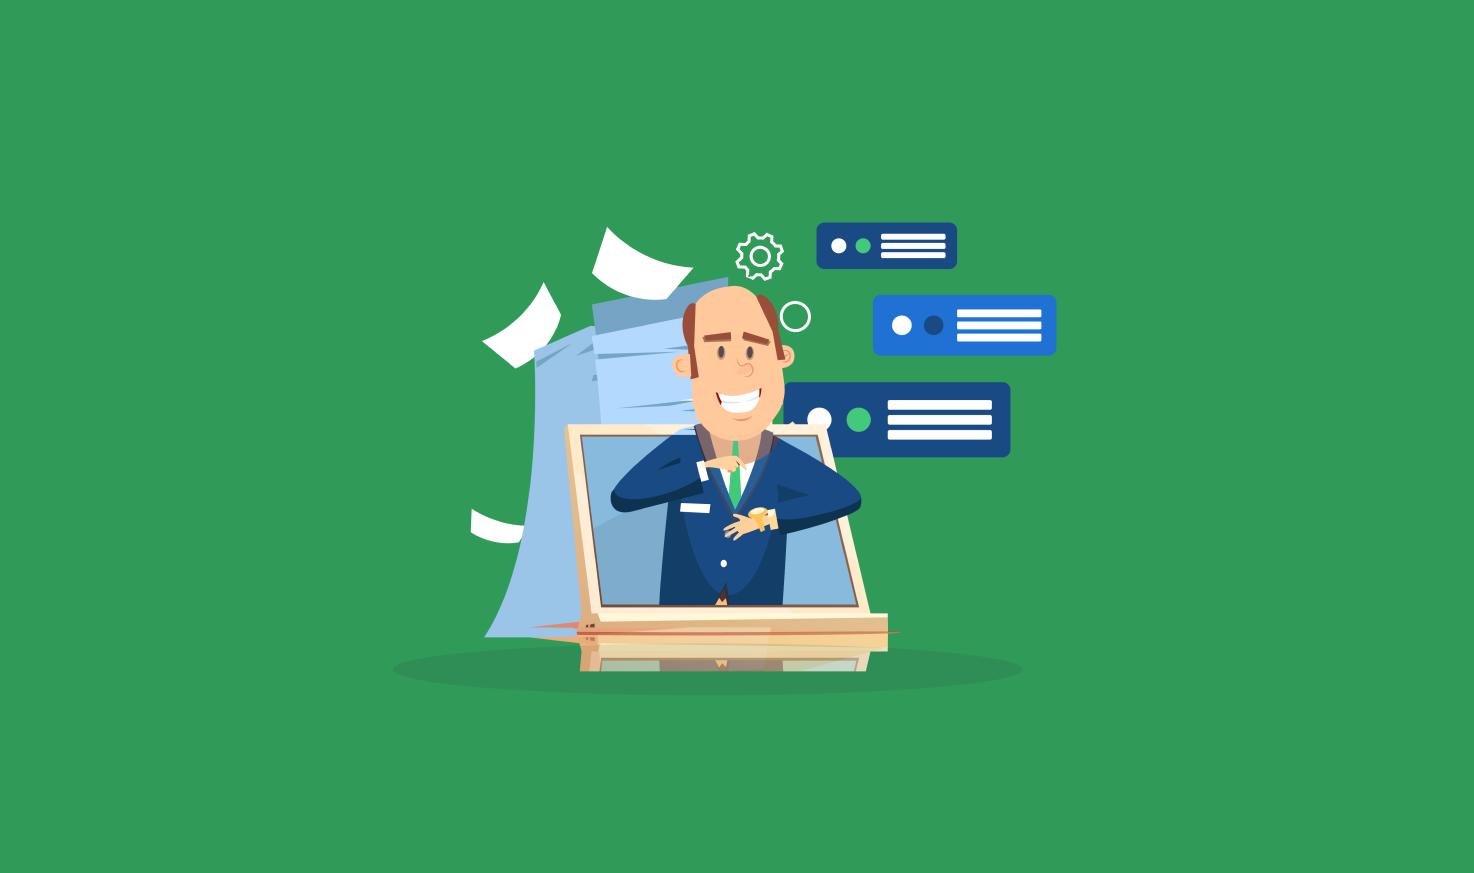 Attività dei clienti: Nuova funzione per una comunicazione efficiente con i tuoi clienti